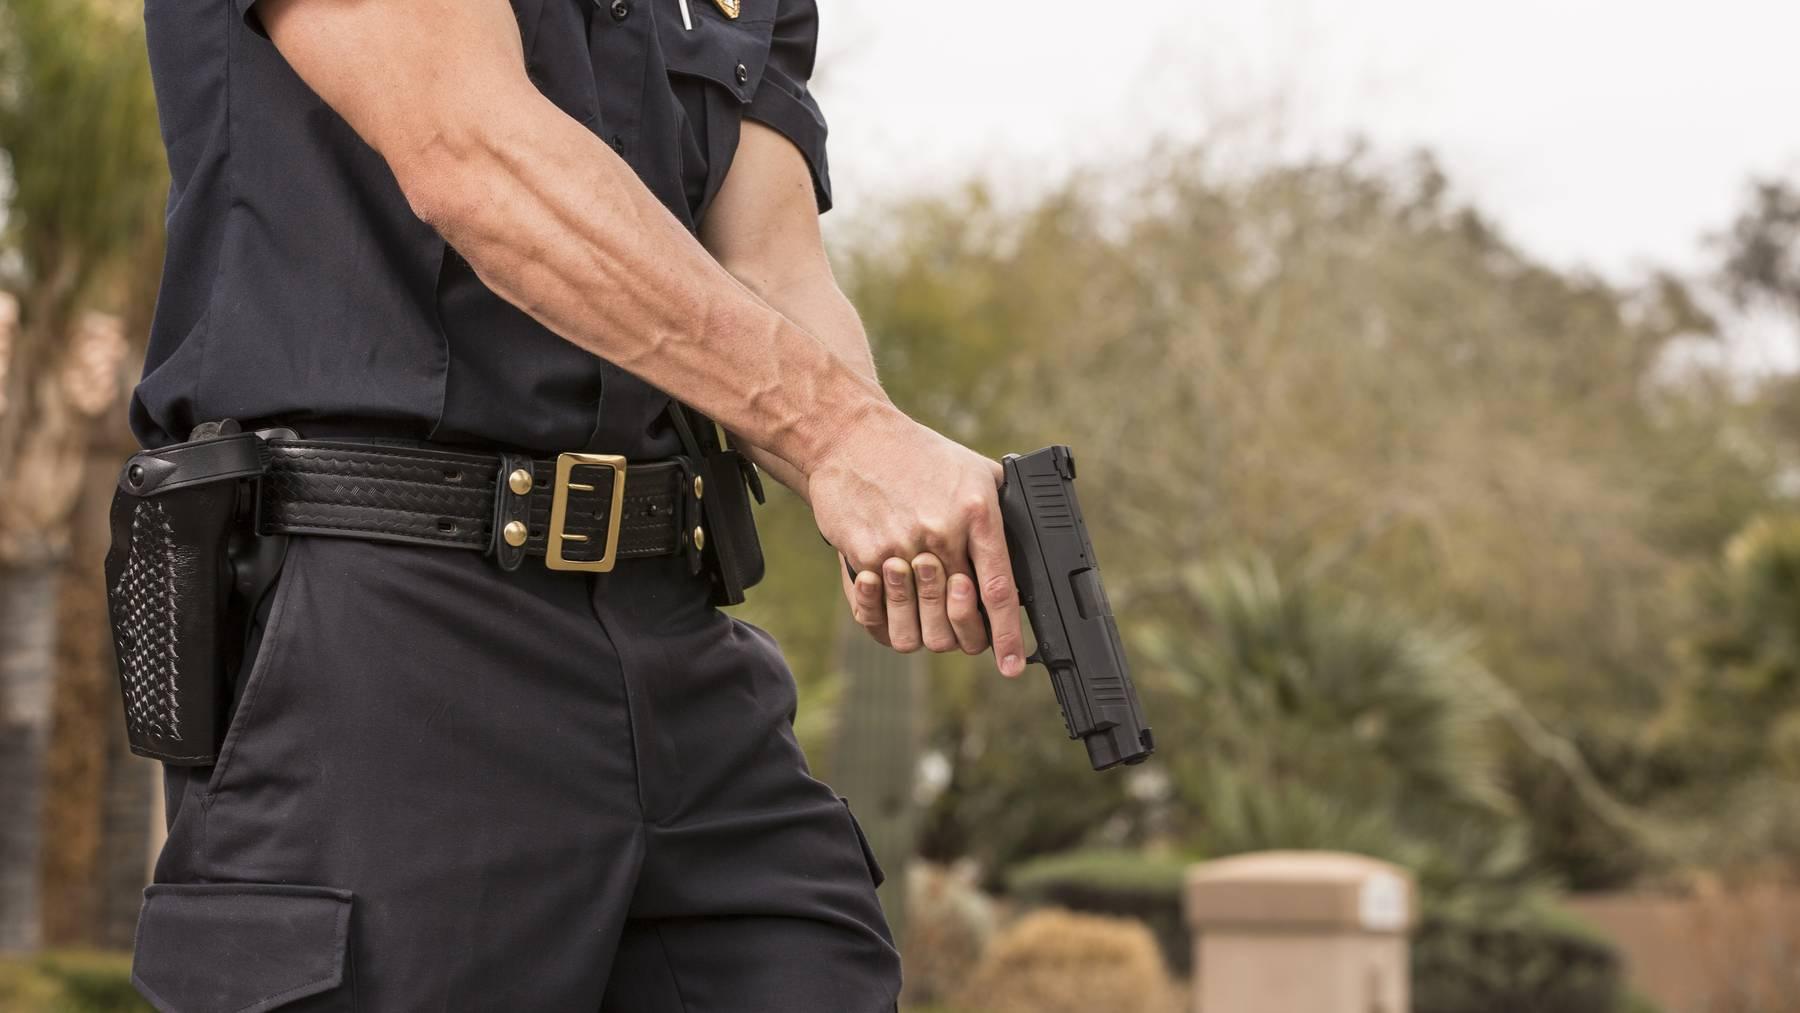 Zückt ein Polizist seine Waffe, zieht dies immer eine Untersuchung mit sich. (Symbolbild)